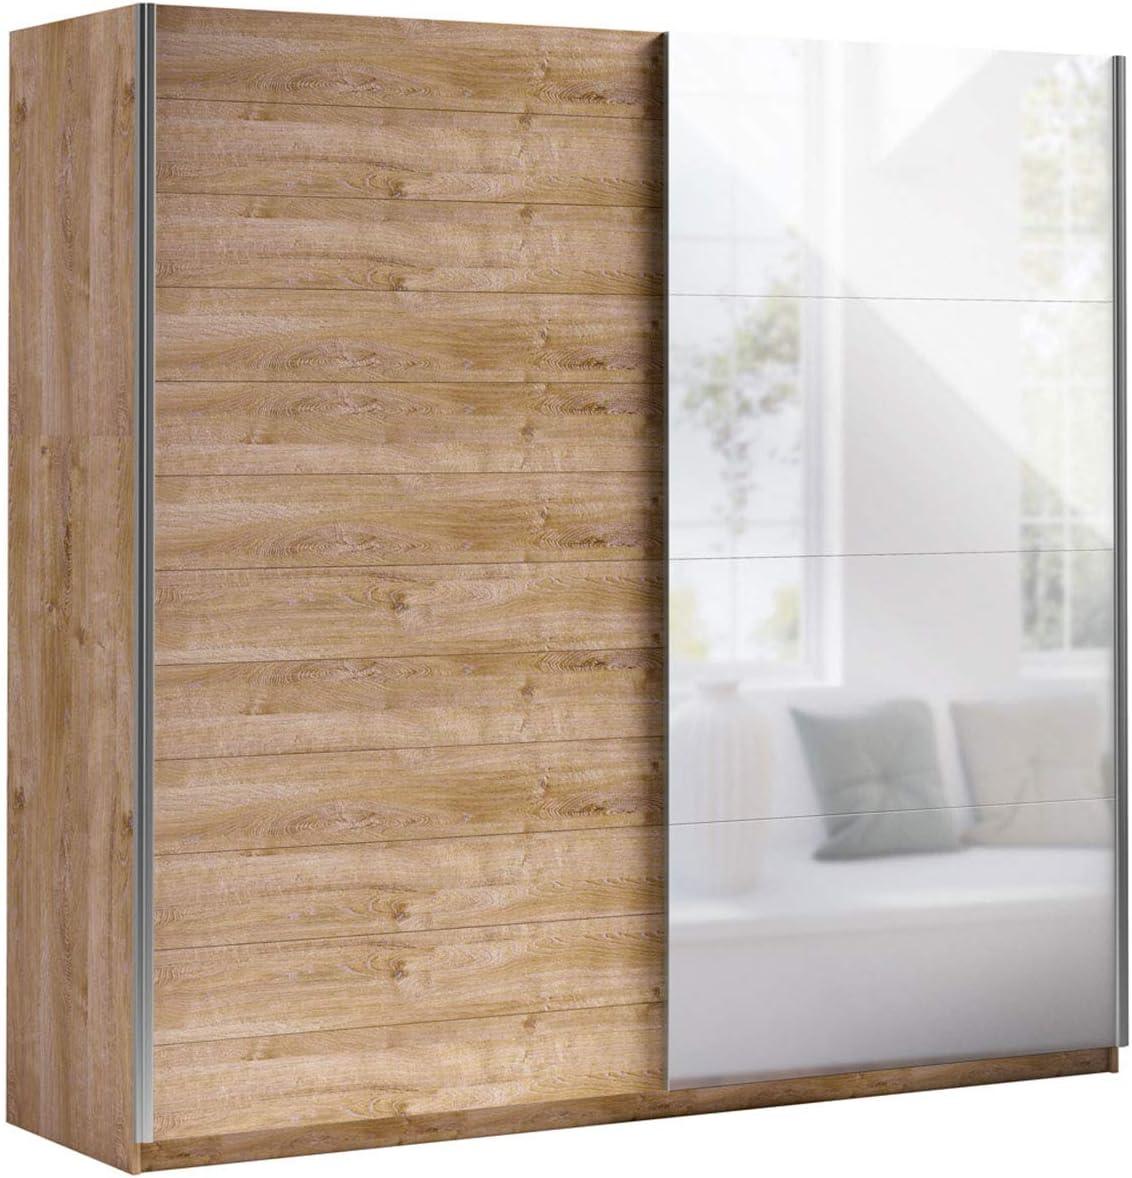 Mirjan24 Bora VII - Armario de Puertas correderas Elegante con Espejo, Armario para Dormitorio, Dormitorio Juvenil: Amazon.es: Juguetes y juegos